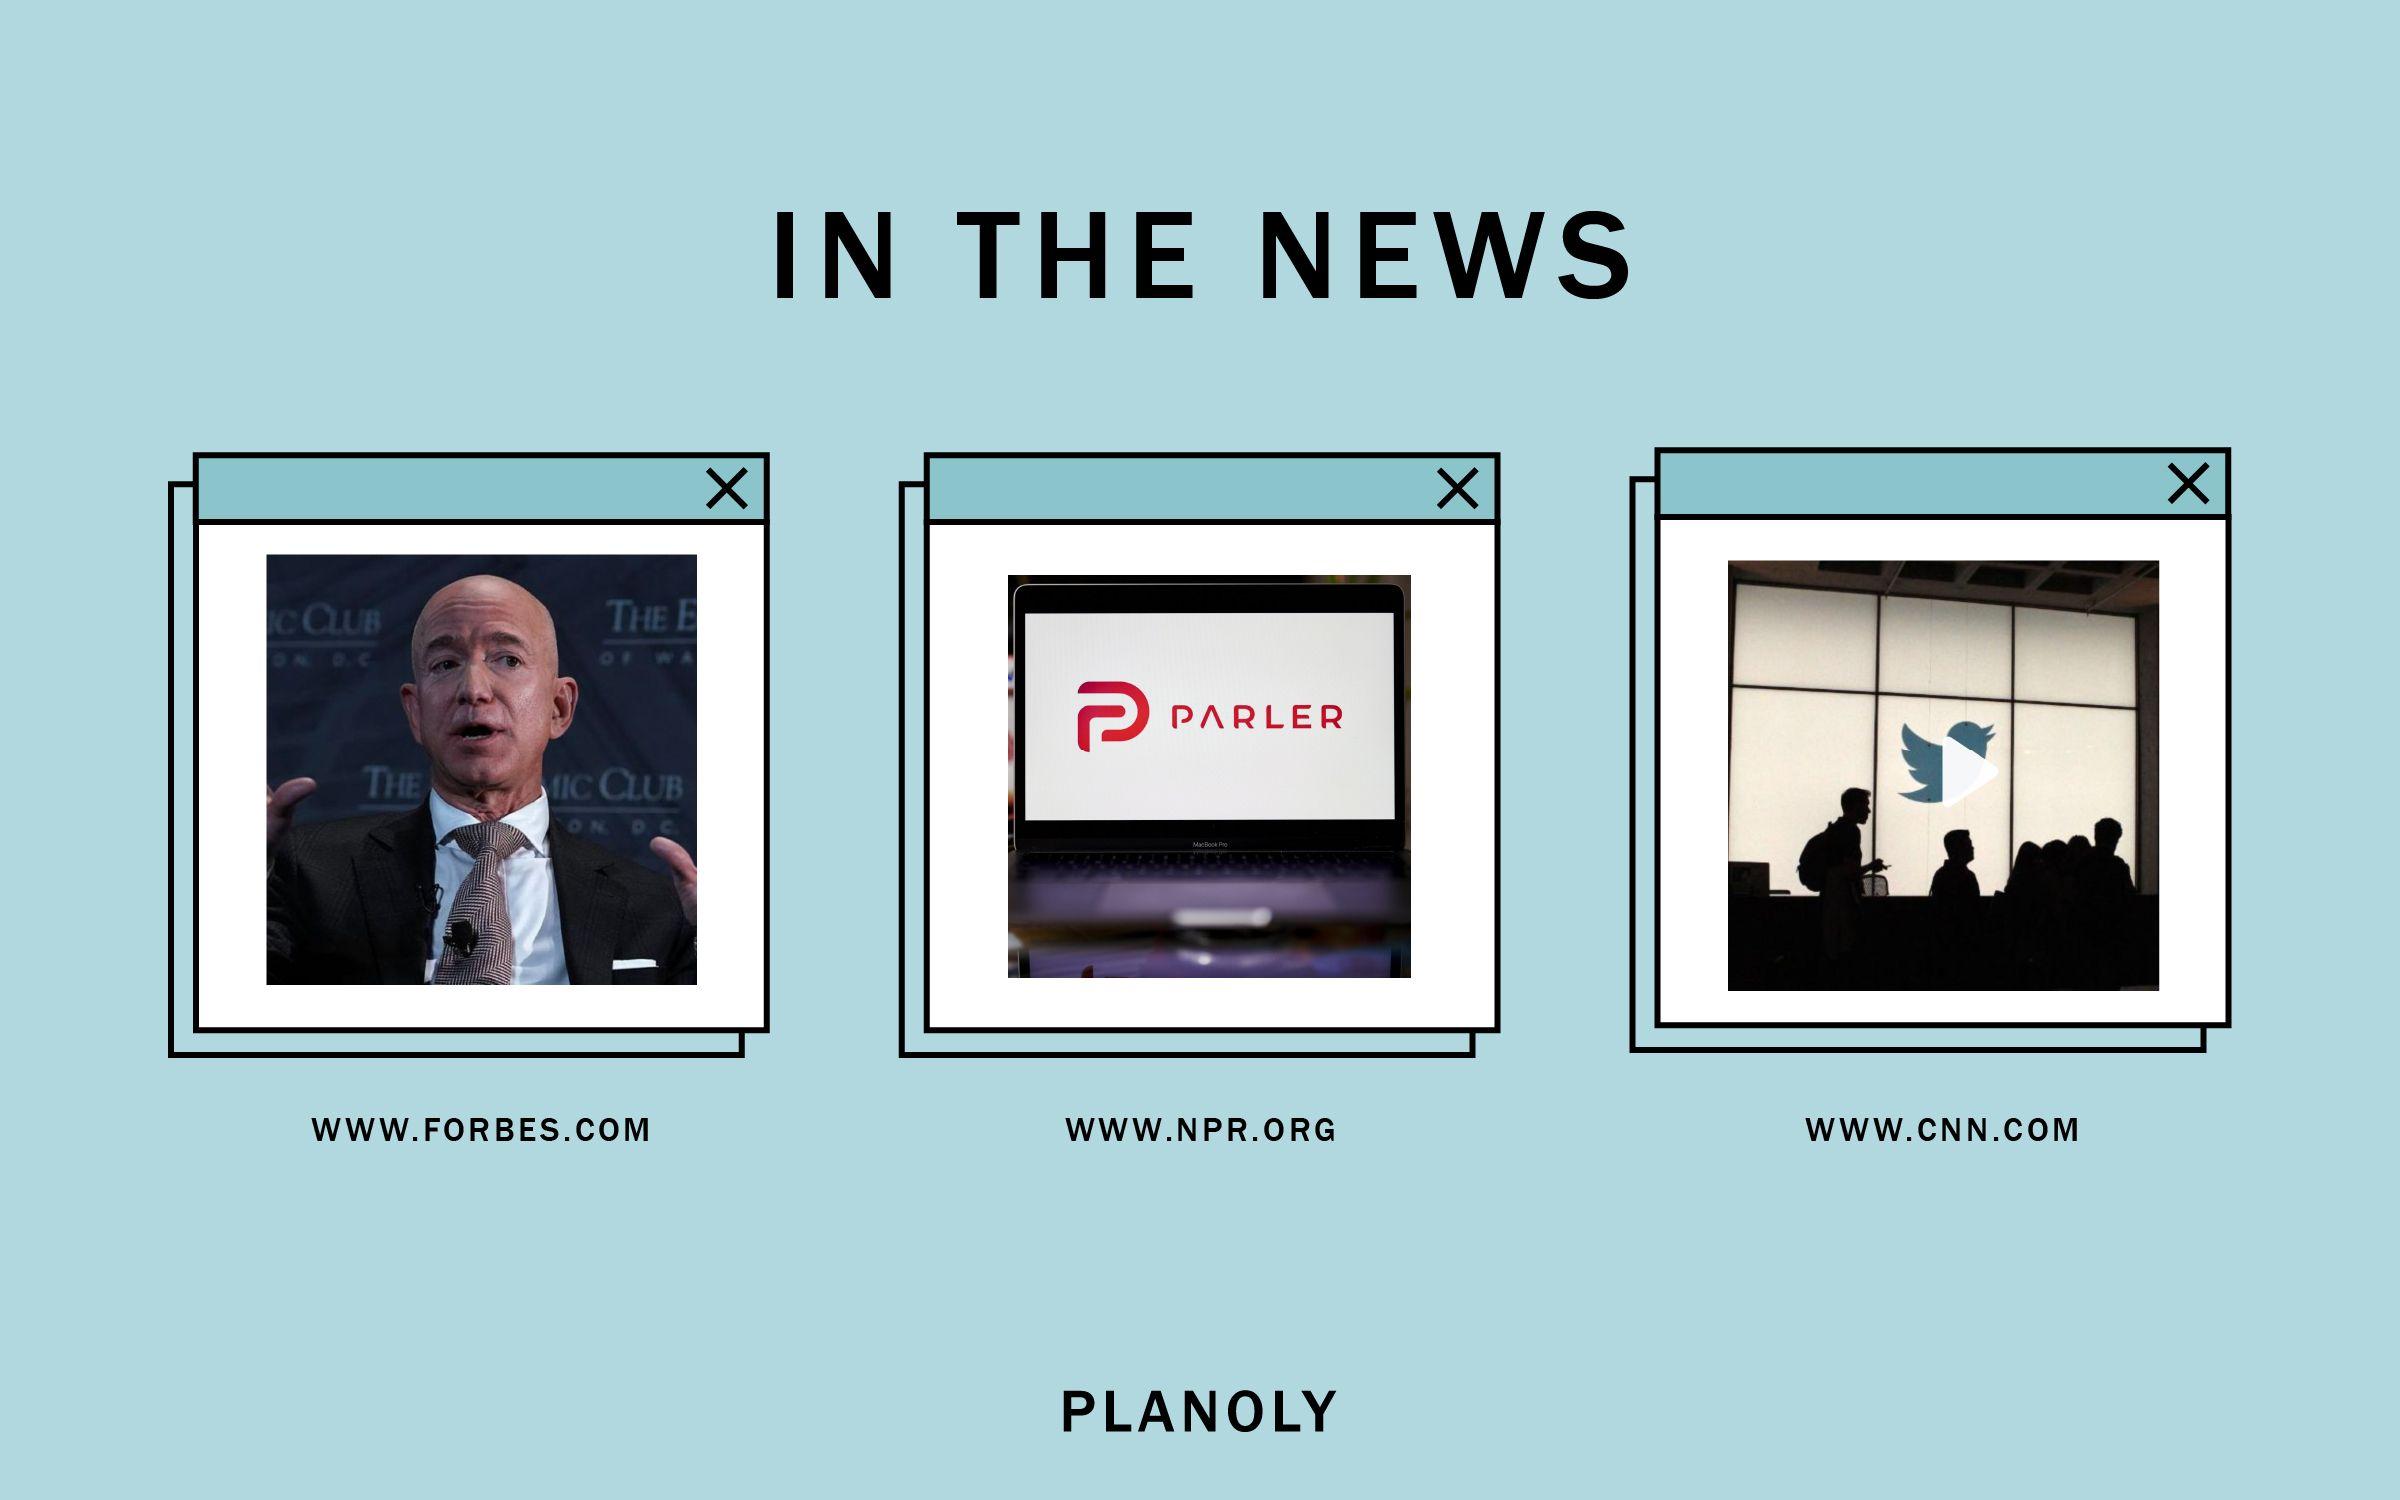 PLANOLY-Social-Sphere-Week of 02.08-Image 1